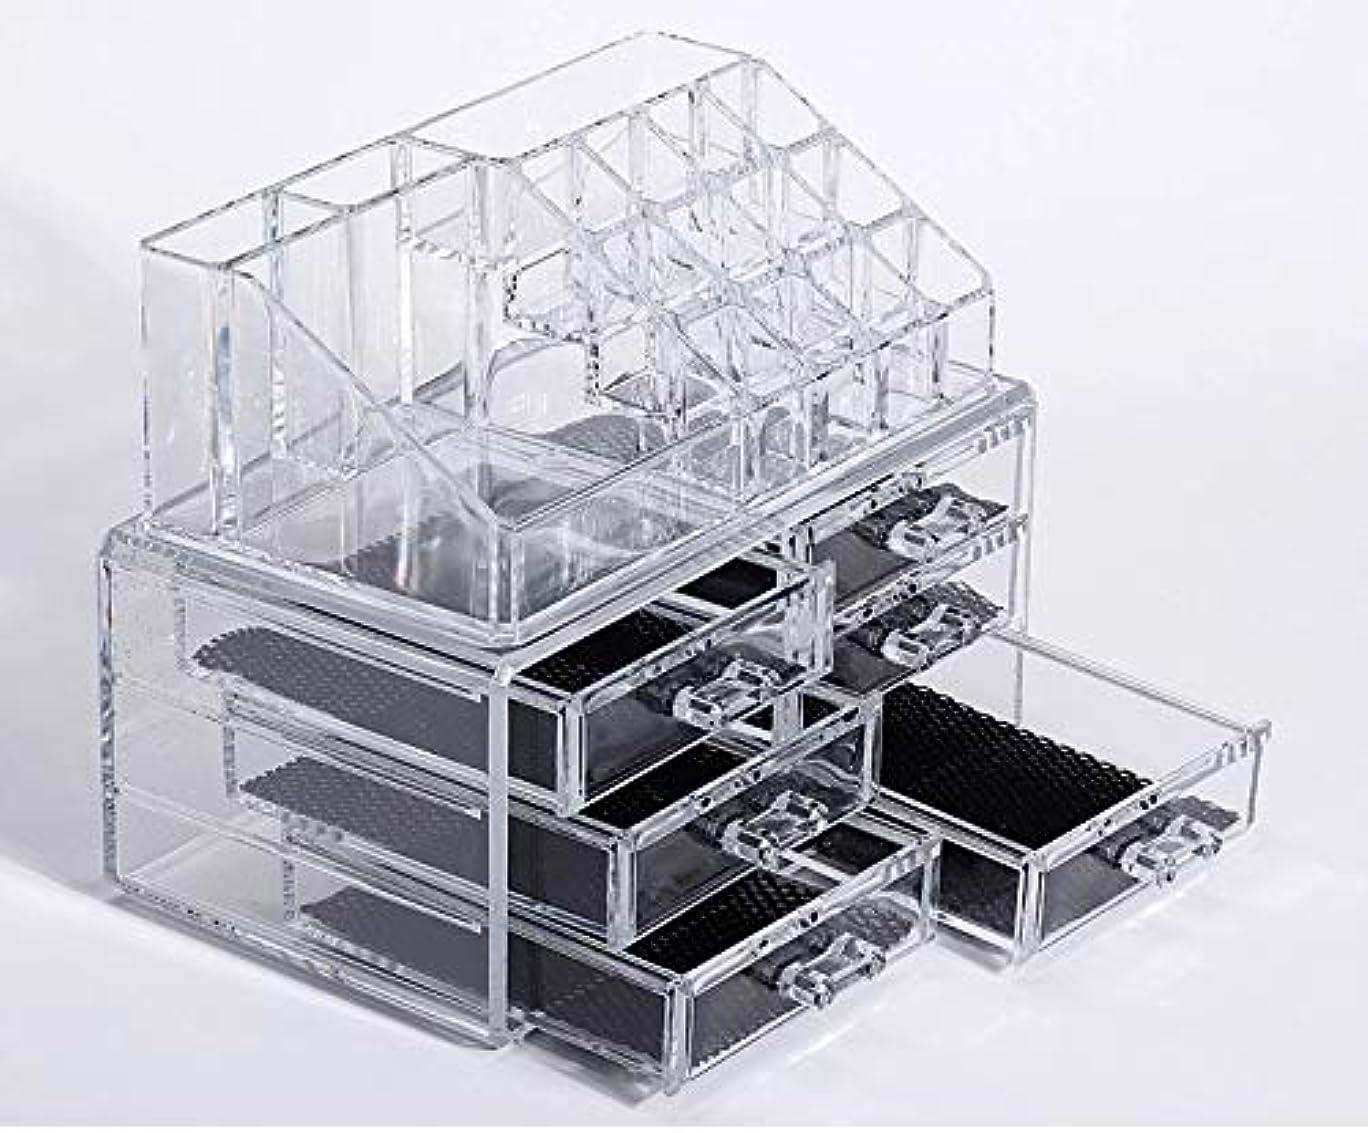 死の顎電気食品化粧品収納ボックス メイクケース メイクボックス コスメボックス 騒音なし 防塵 高透明度 強い耐久性 整理簡単 引き出し小物